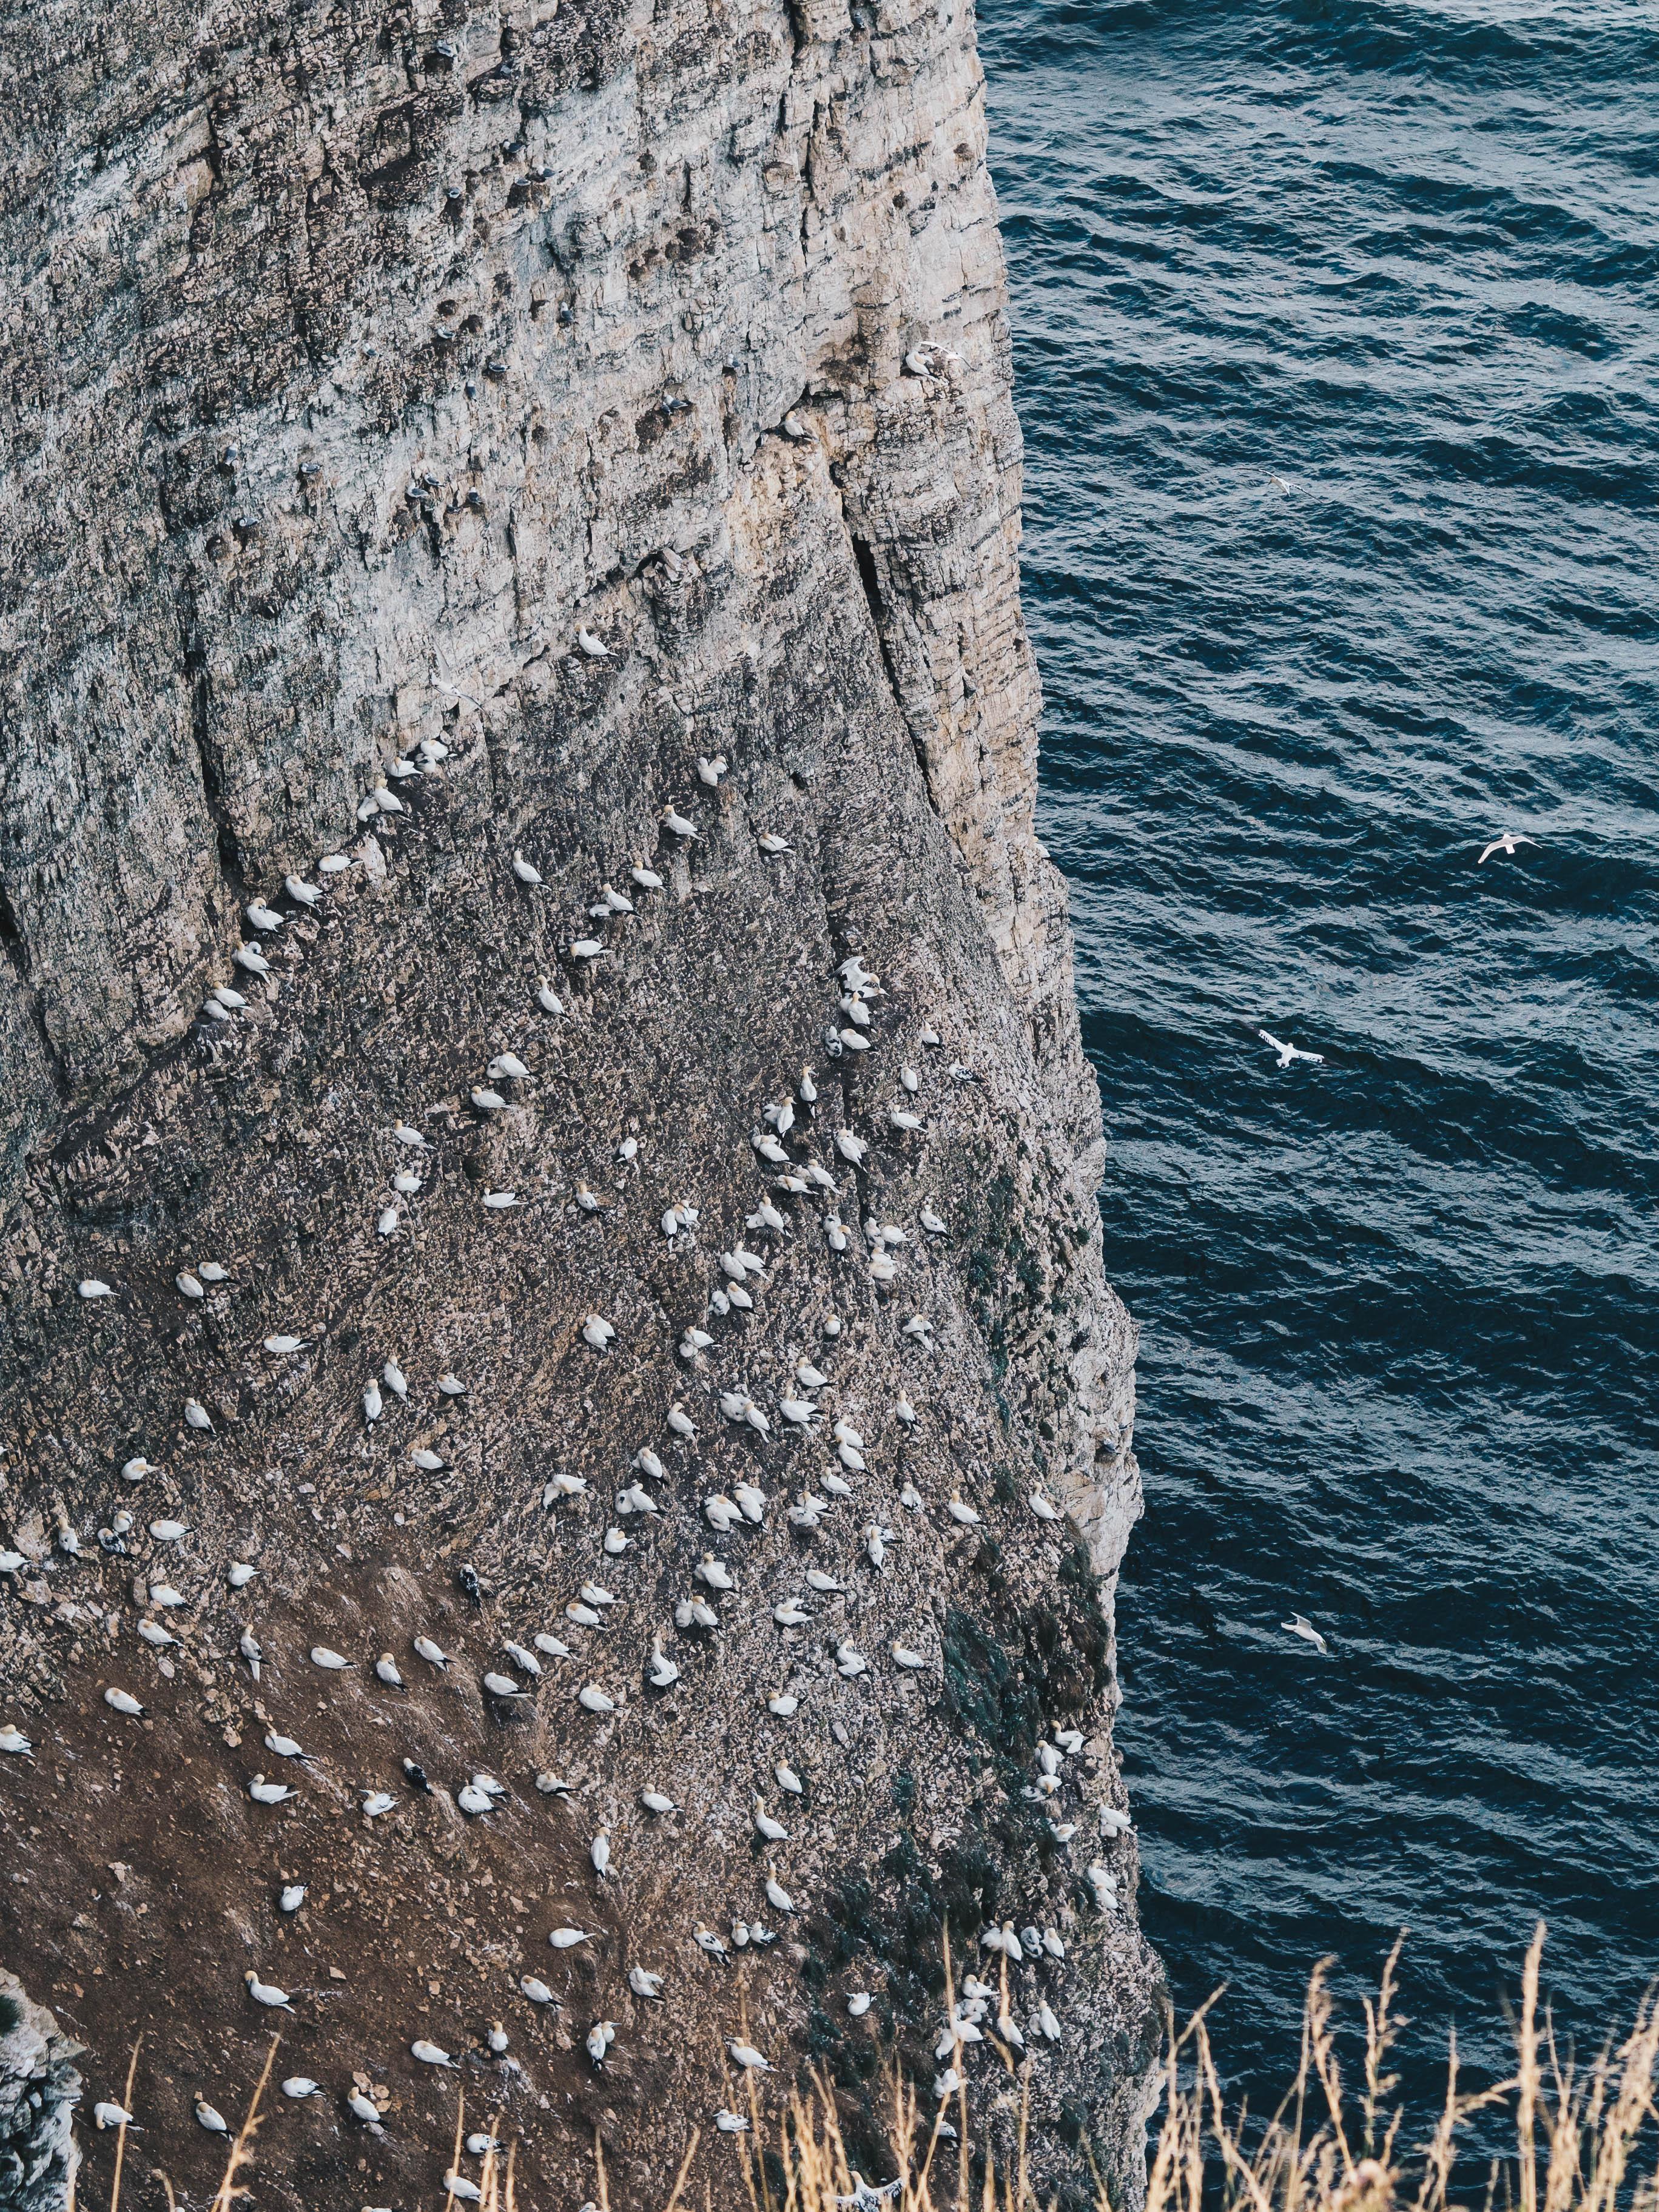 birds nest on cliff